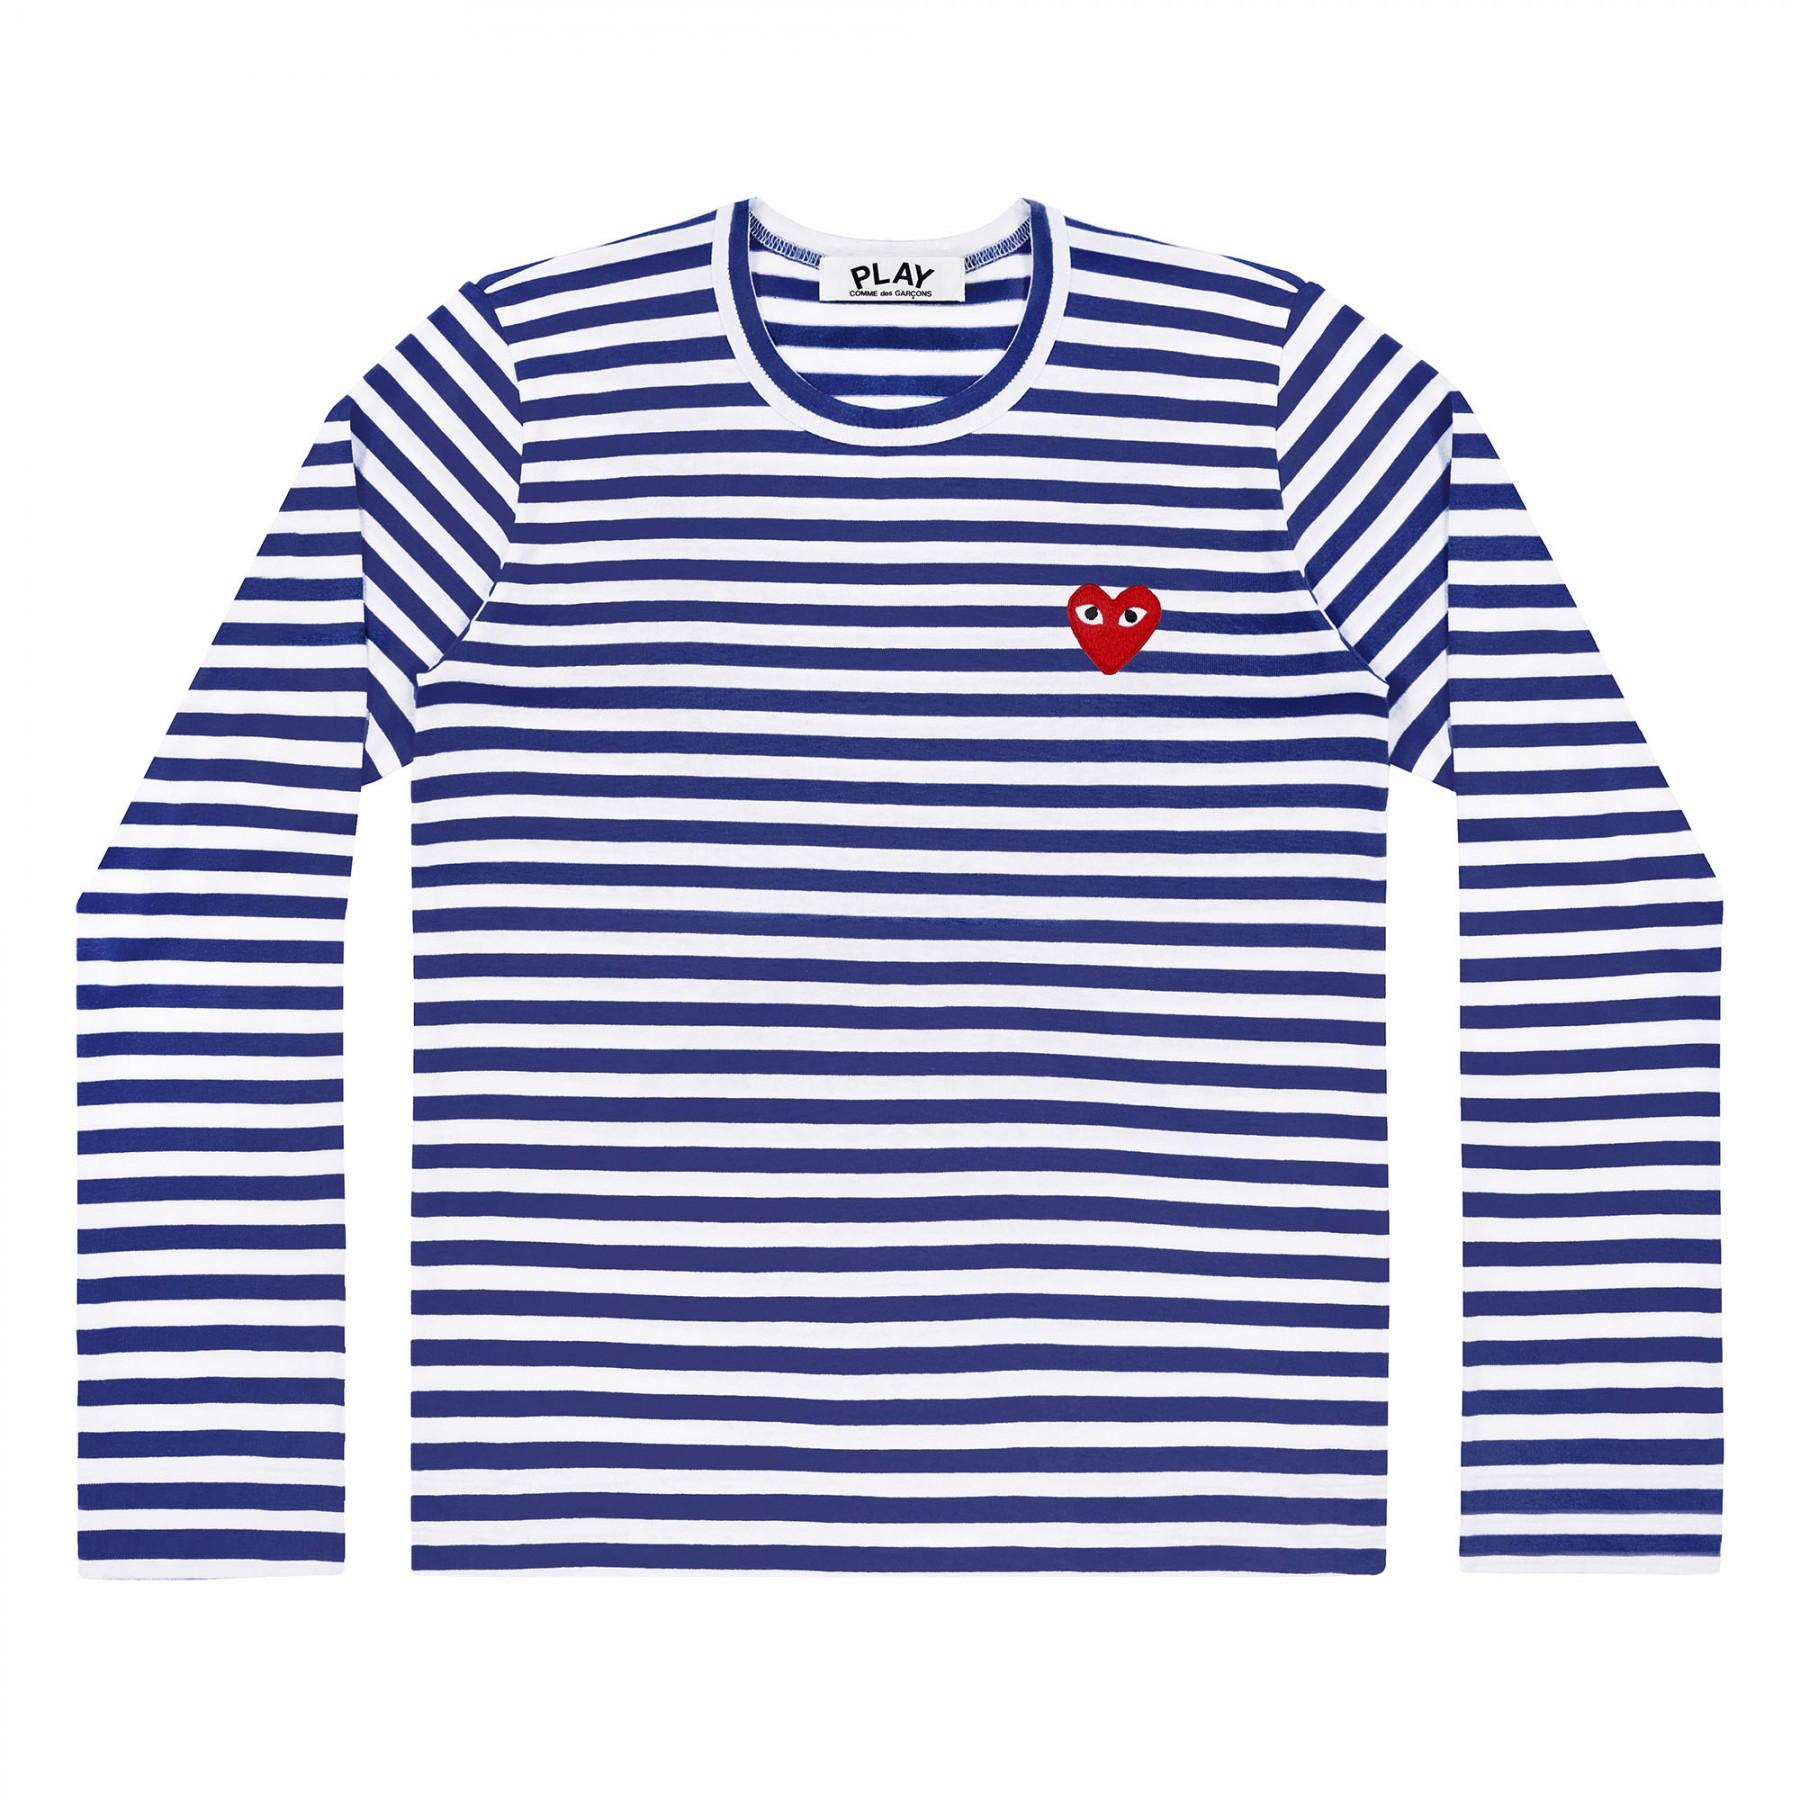 꼼데가르송 PLAY 스트라이프 티셔츠 레드하트 Navy+White (여성)